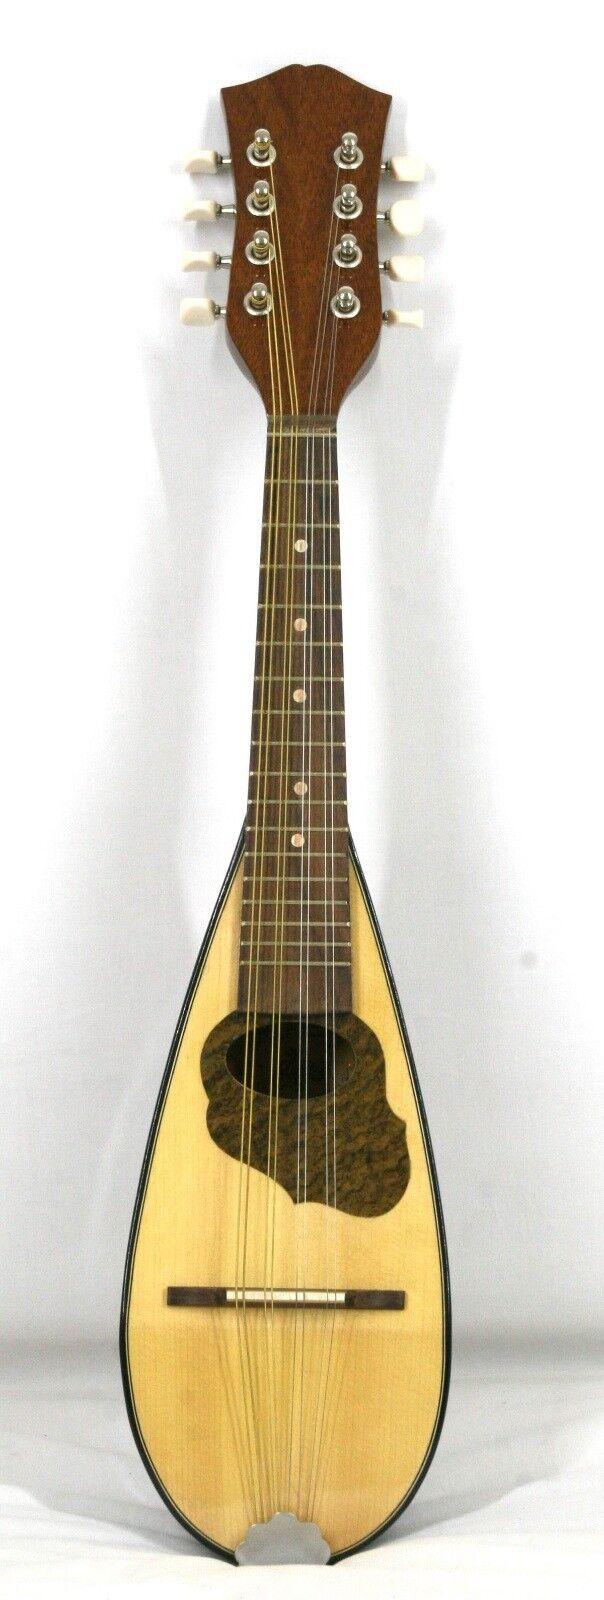 Musikalia Mandolino tascabile modello